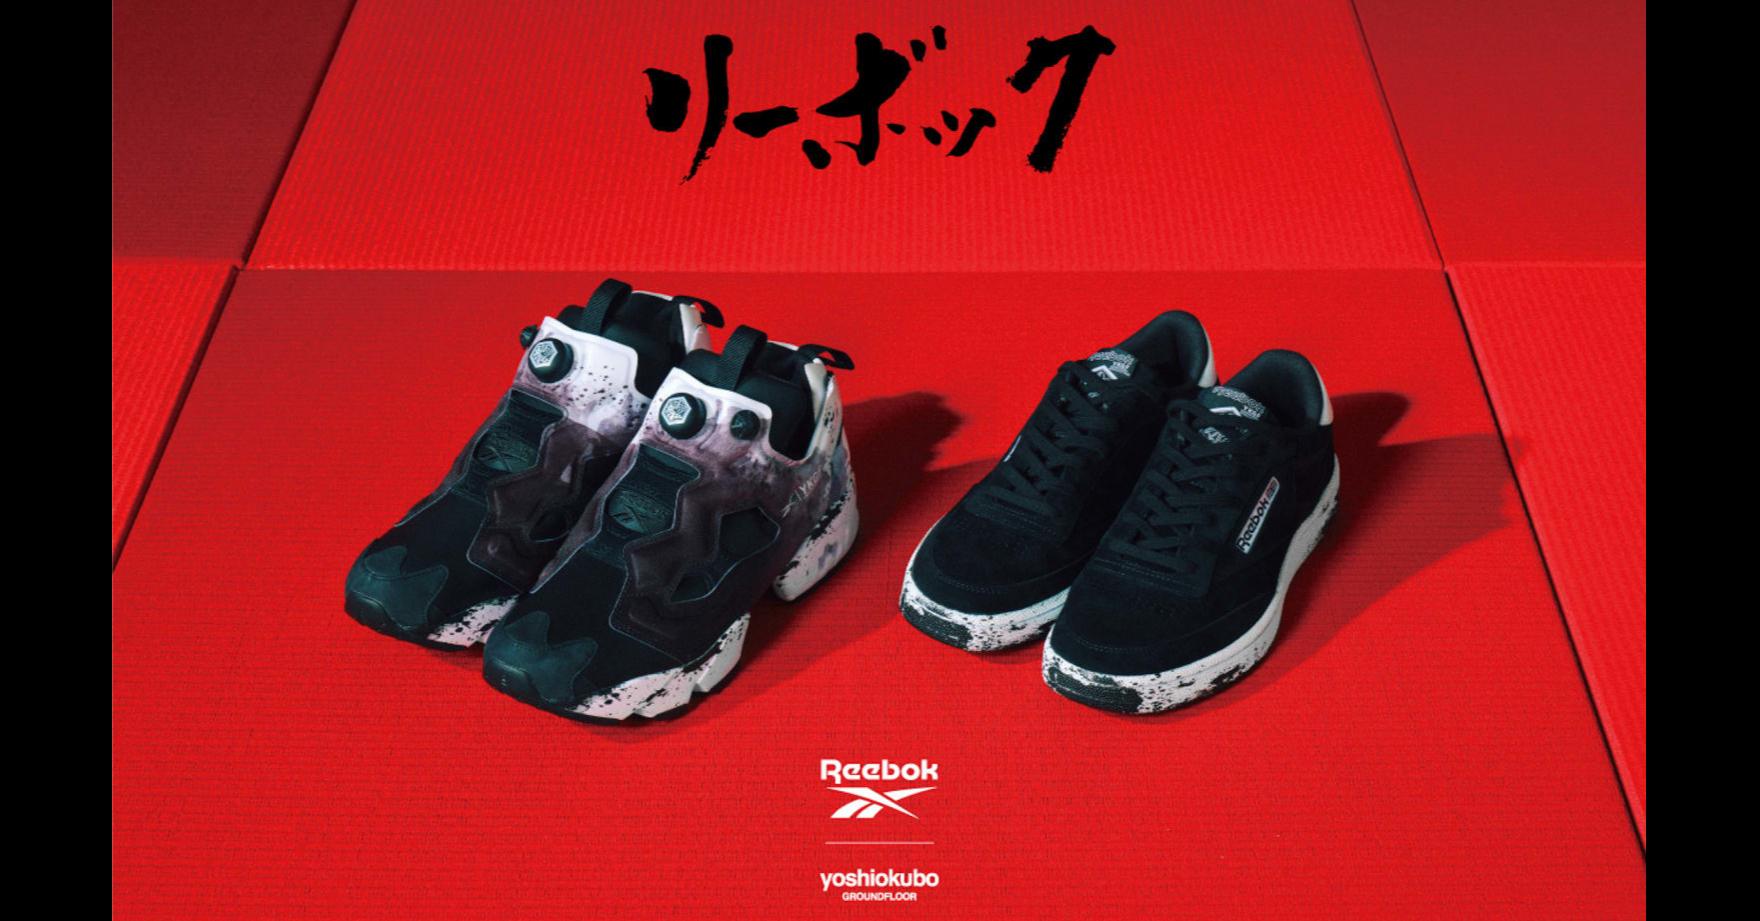 照片中提到了リーボッグ、Reebok、yoshiokubo,跟銳步有關,包含了球鞋、鞋子、阿迪達斯